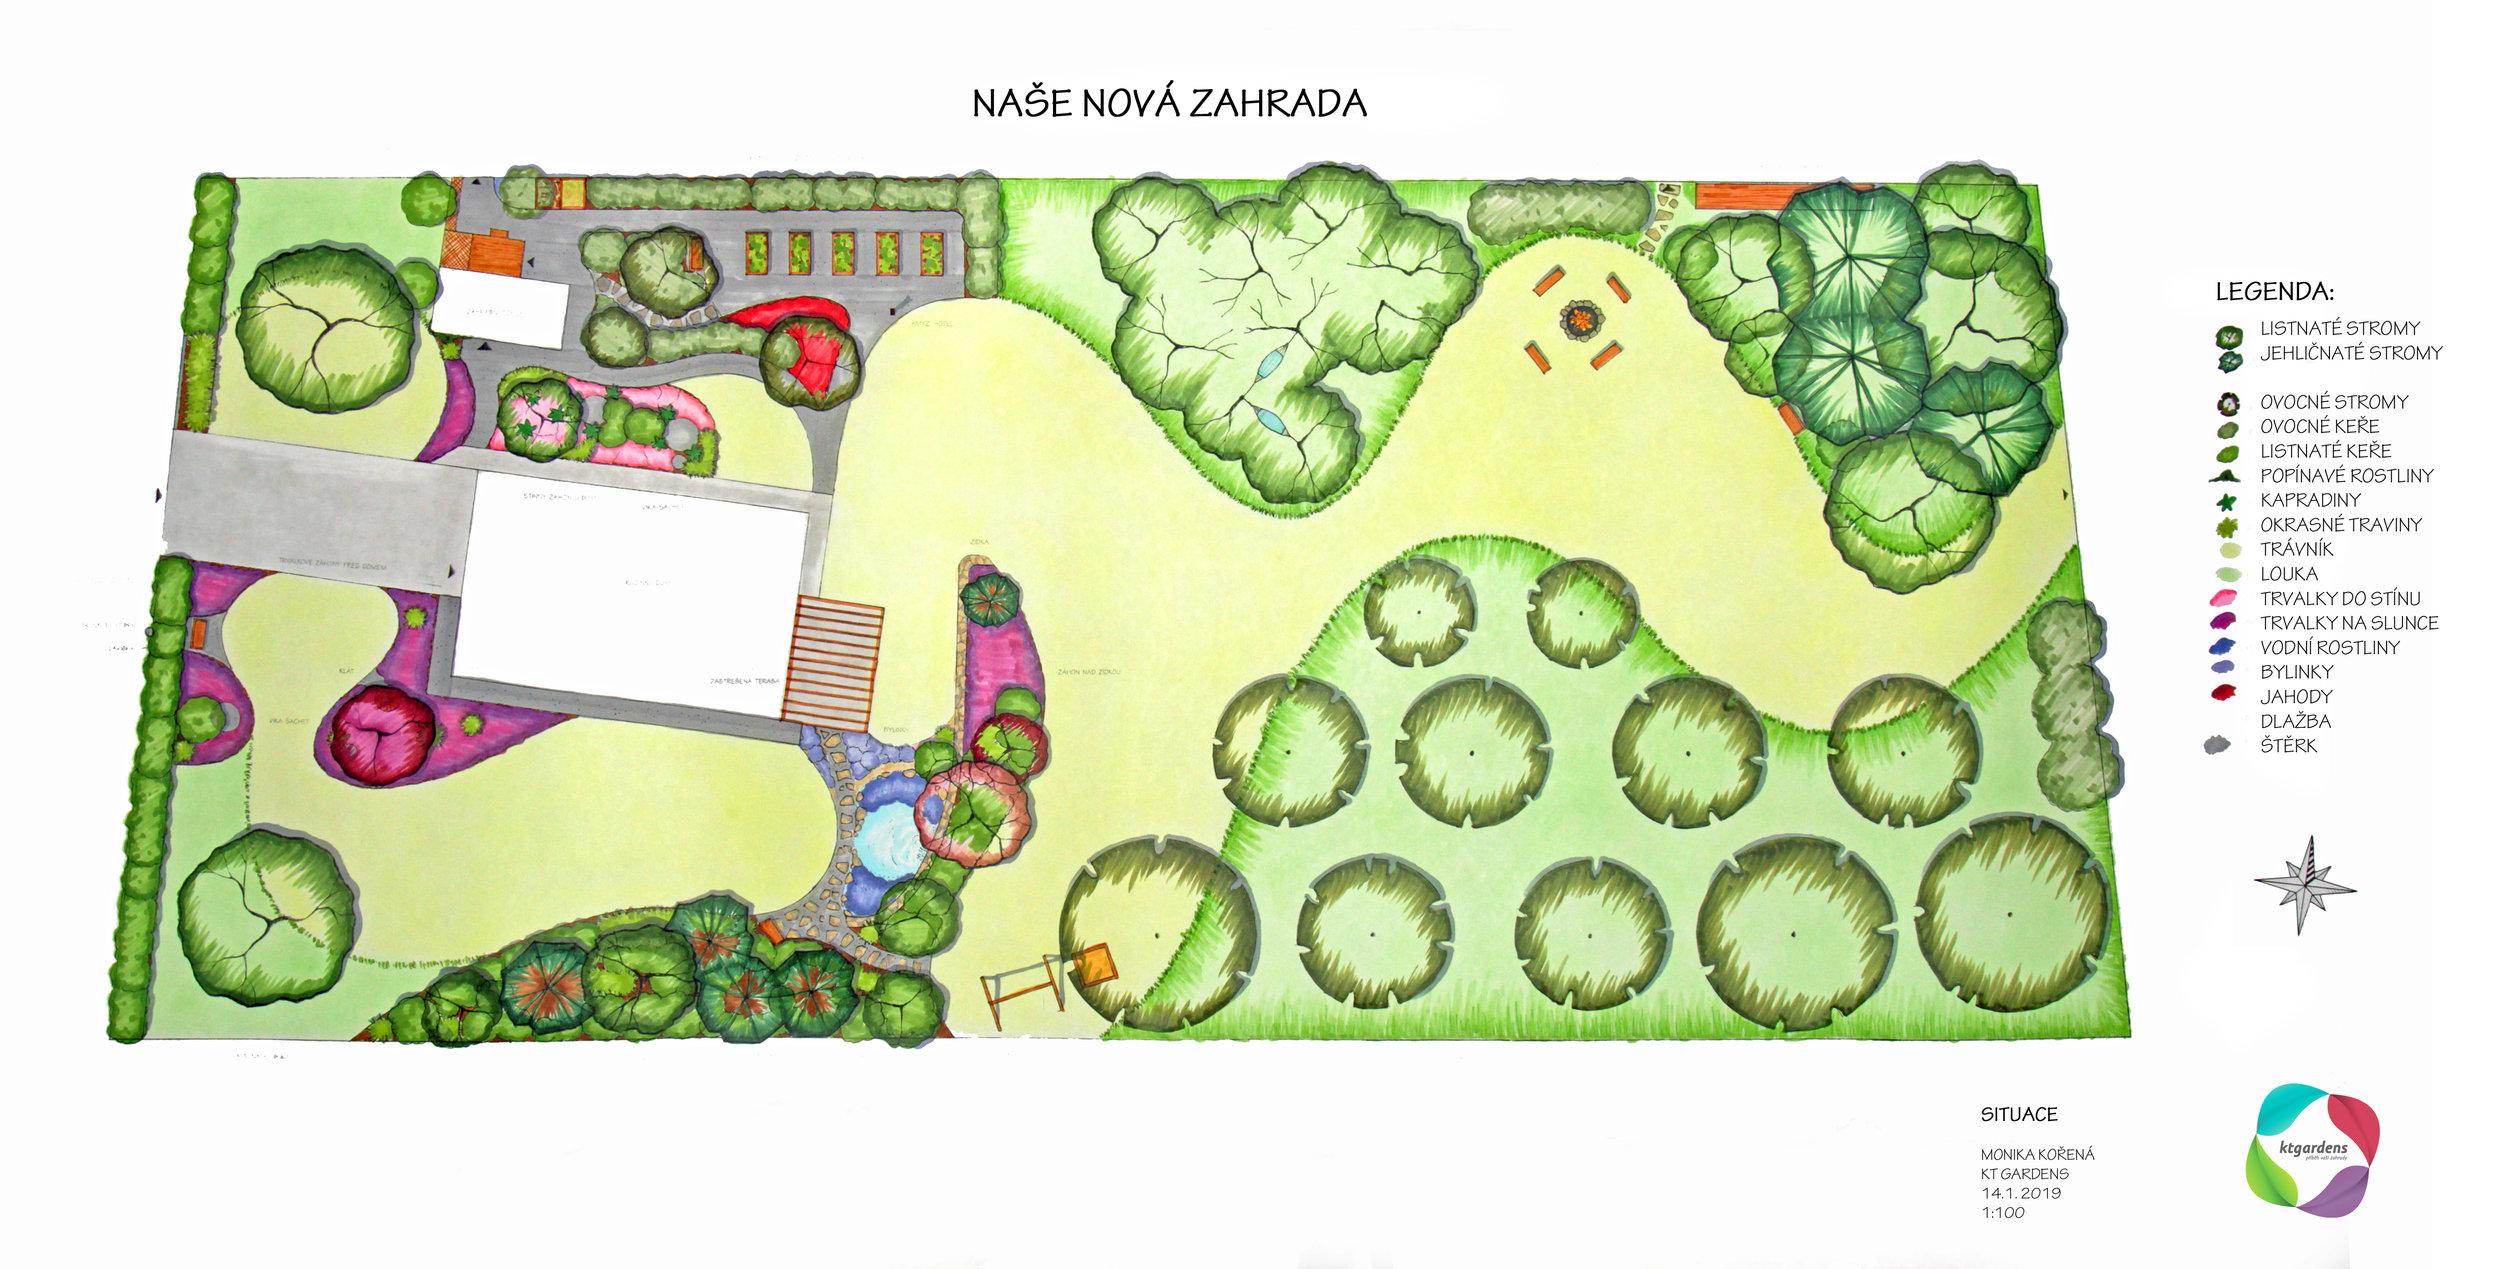 Návrh zahrady v Závišicích, venkovská zahrada, přírodní zahrada, zahrada pro včelaře, KTgardens